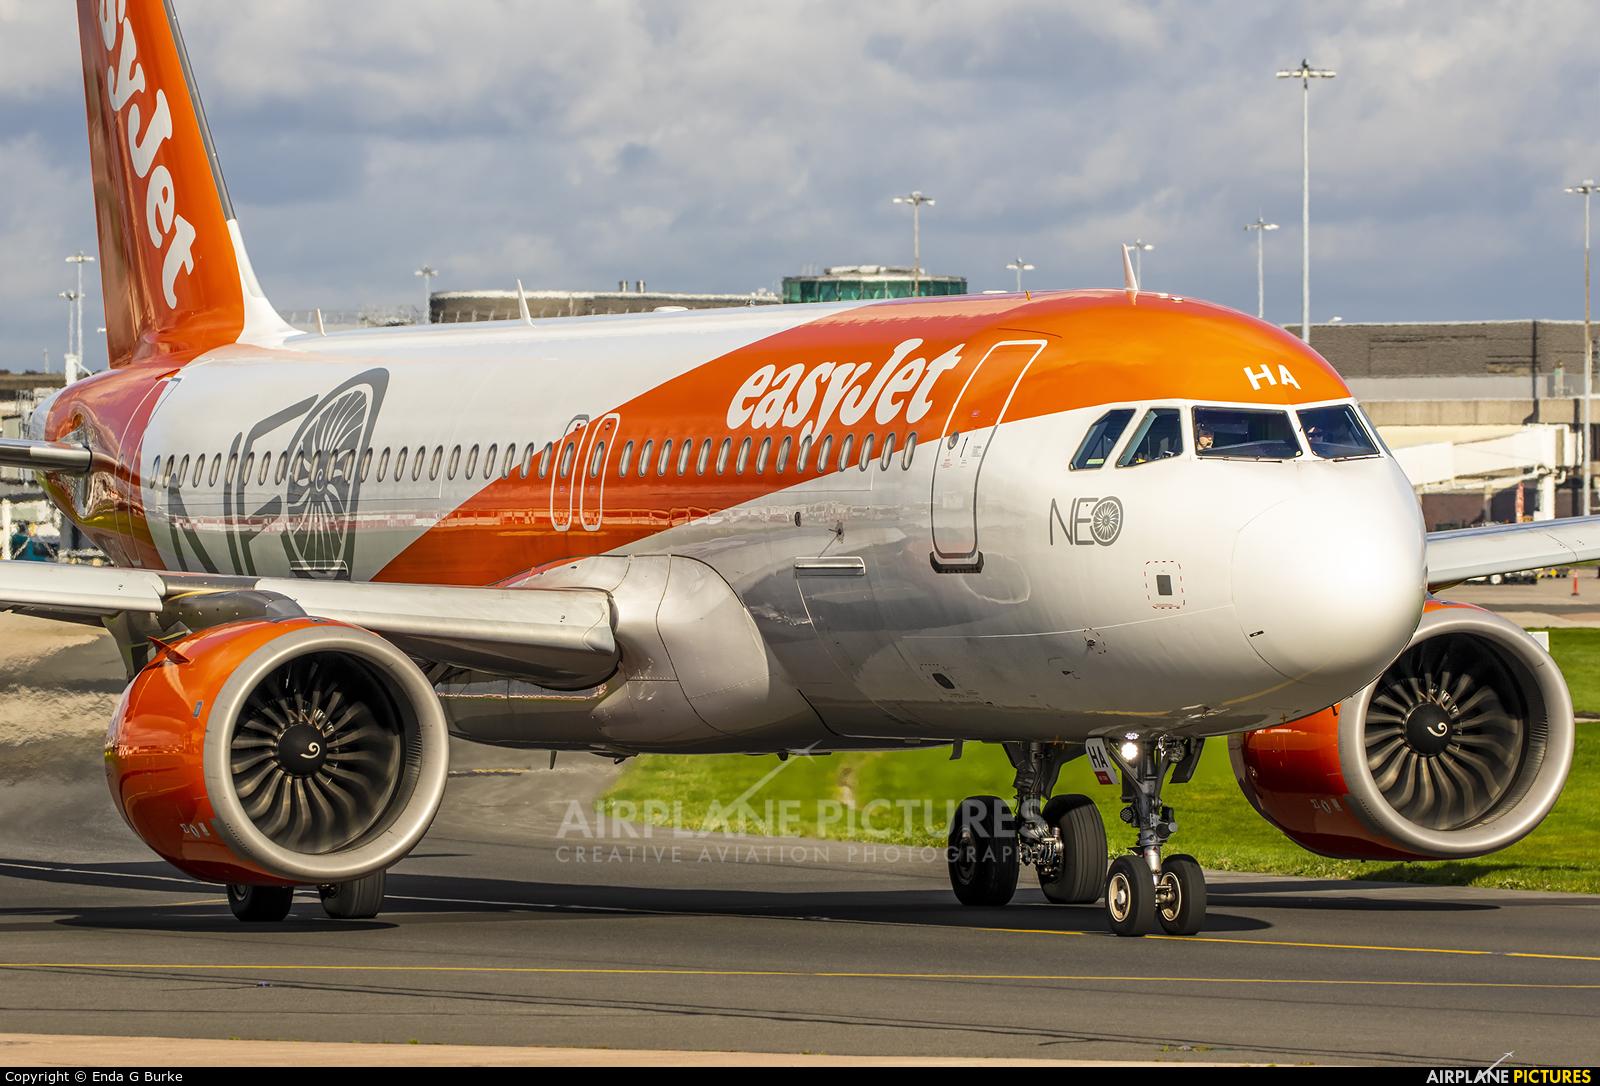 easyJet G-UZHA aircraft at Manchester